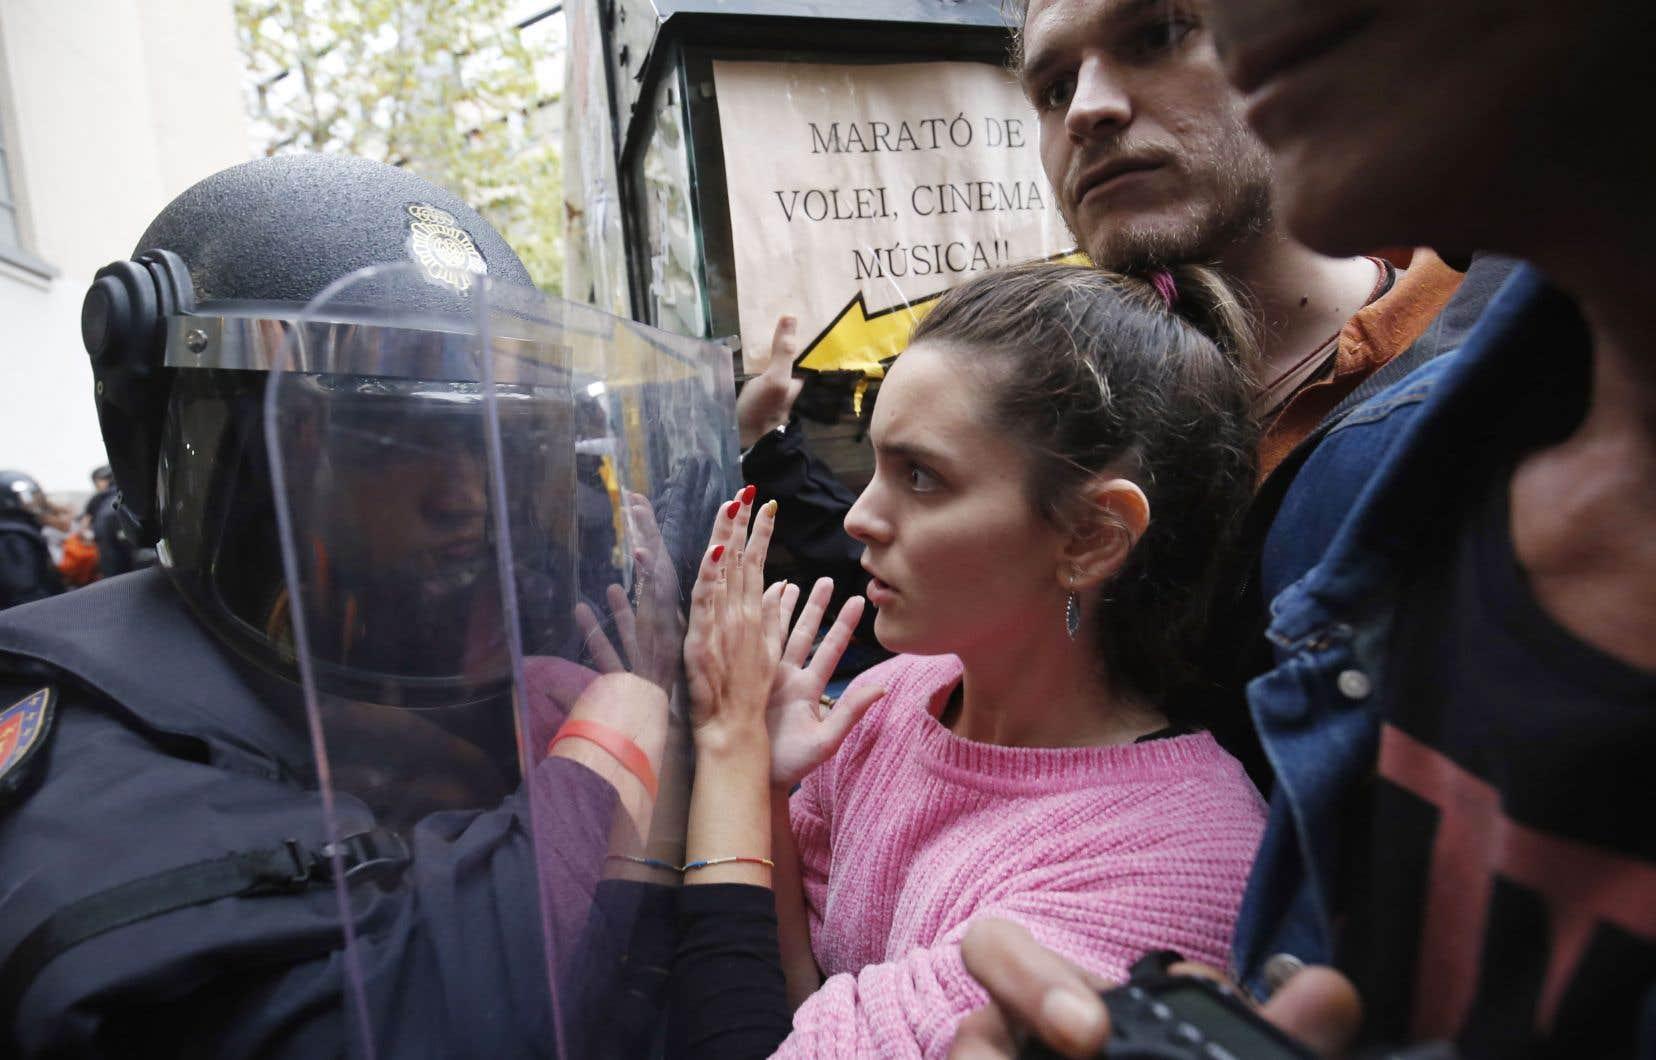 La Garde civile repousse des manifestants catalans en marge du scrutin référendaire, lors duquel le Oui l'a emporté à 90,18%.